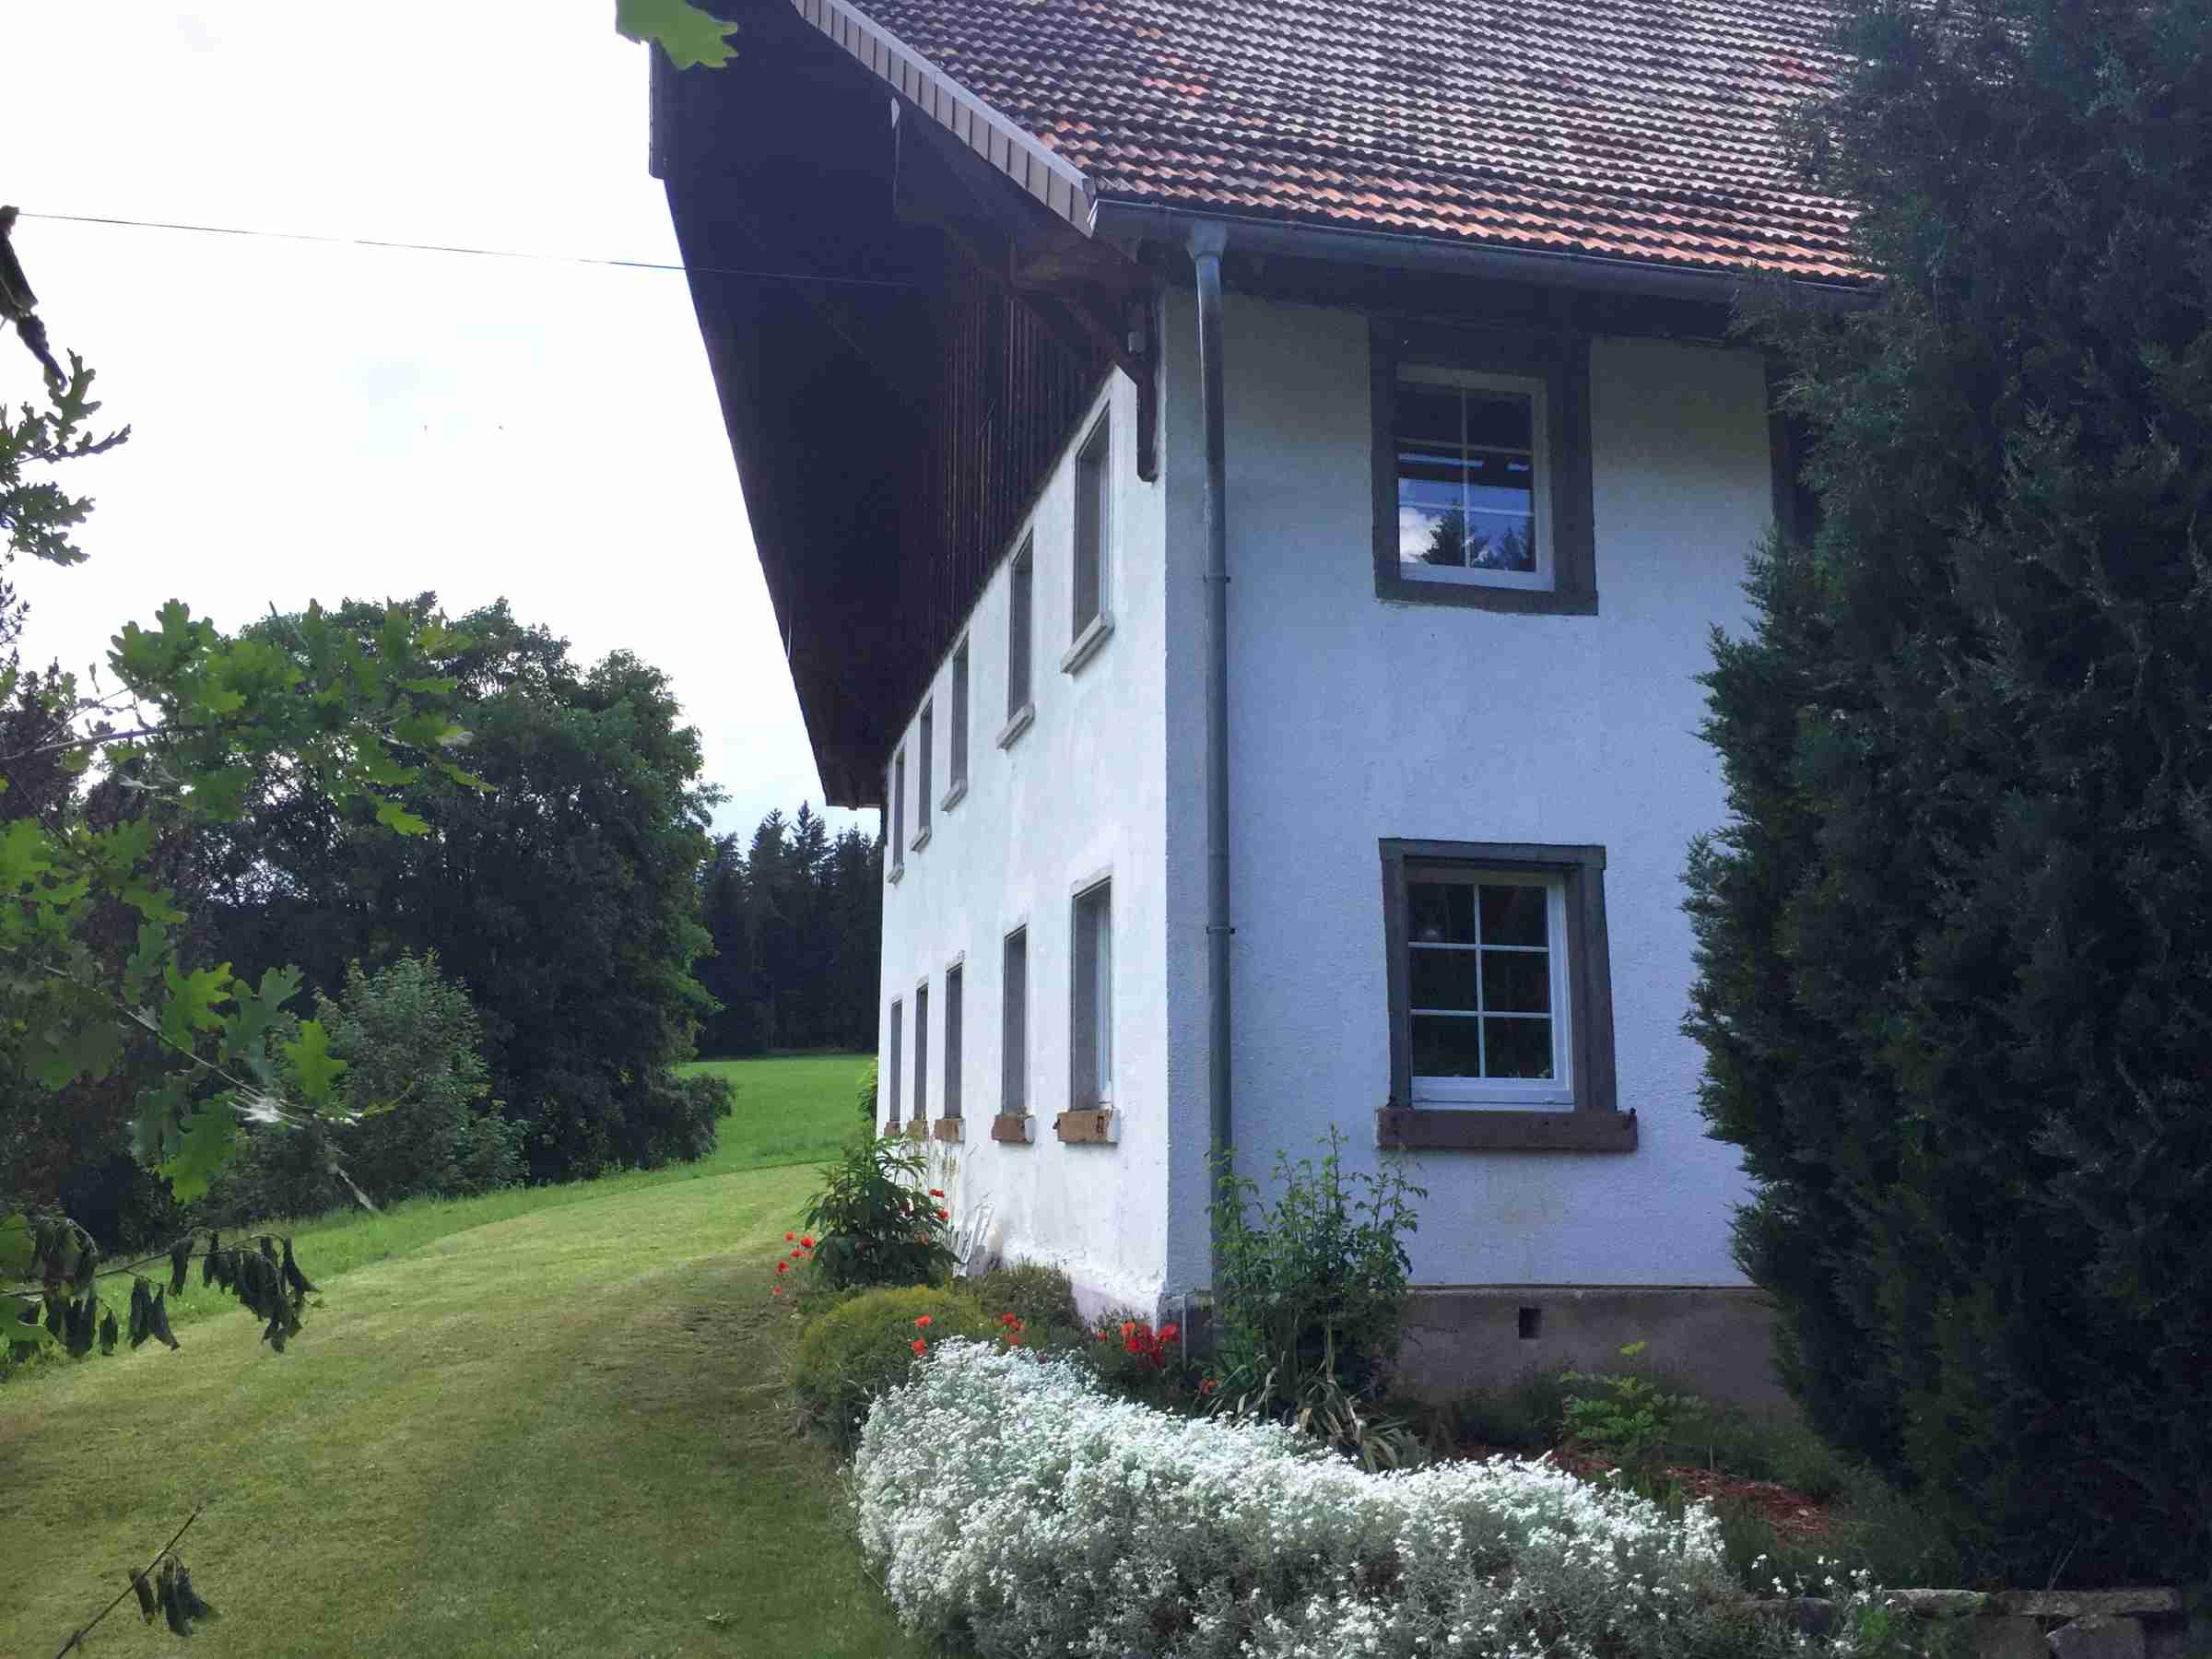 Ferienwohnung Storzenhof, (Unterkirnach). Ferienwohnung, 140qm, 3 Schlafzimmer, max. 8 Personen (2790199), Unterkirnach, Schwarzwald, Baden-Württemberg, Deutschland, Bild 52